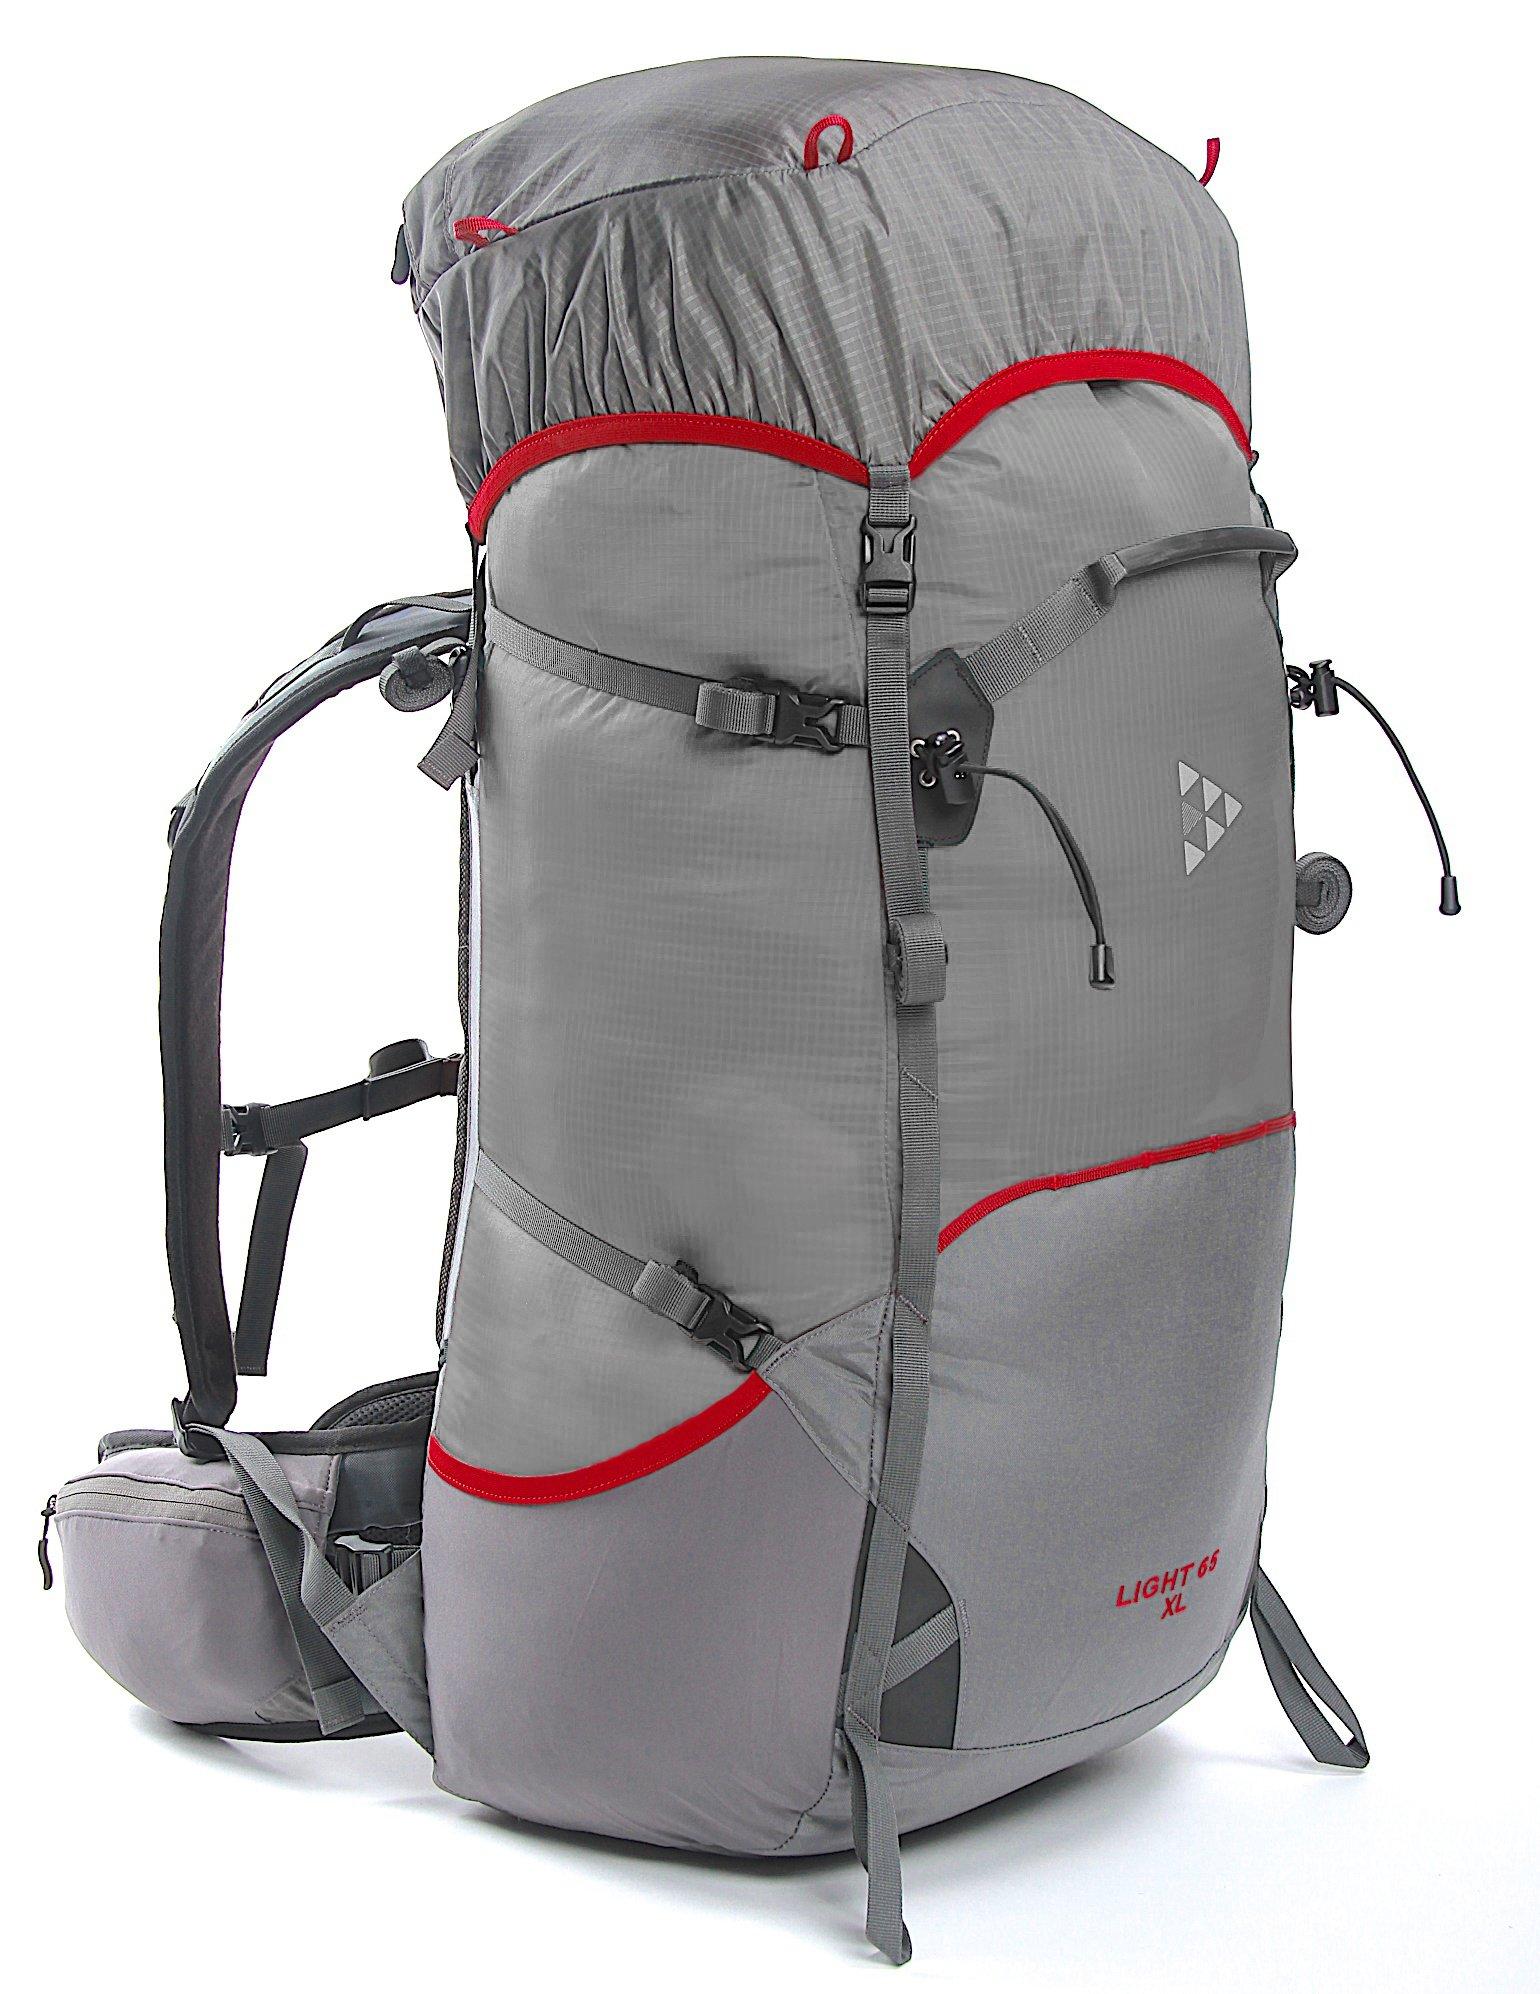 Рюкзак BASK LIGHT 65 M 5200Рюкзаки<br>Лёгкий спортивный рюкзак 65 литров для туризма, спорта и отдыха. Высокий тубус, лямки с мягким ребром не натирают шею и ключицу.<br><br>Анатомическая конструкция спины и ремней: Да<br>Вентиляция спины: Да<br>Вес граммы: 1214<br>Вес коврика: 0.158<br>Вес съёмного клапана: 0.128<br>Внутренние карманы: Да<br>Внутренняя перегородка: Нет<br>Возможность крепления сноуборда/скейтборда/лыж: Нет<br>Грудной фиксатор: Да<br>Карман для гидратора: Нет<br>Карман для средств связи: Нет<br>Карманы на поясе: Да<br>Клапан: Съемный<br>Минимальный вес: 0.695<br>Назначение: Треккинг<br>Накидка от дождя: Нет<br>Наружная навеска: Навесная система позволяет крепить специальное снаряжение<br>Наружные карманы: Да<br>Нижний вход: Нет<br>Объем л.: 65<br>Регулировка объема: Да<br>Регулировка угла наклона пояса: Нет<br>Светоотражающий кант: Нет<br>Система подвески: Система подвески регулируется<br>Ткань: 100D Robic® Triple Rip 2000 мм Н2О UTS<br>Усиление: 210Dx420D  Robic® Kodra<br>Усиление дна: Да<br>Фурнитура: W.J., YKK®